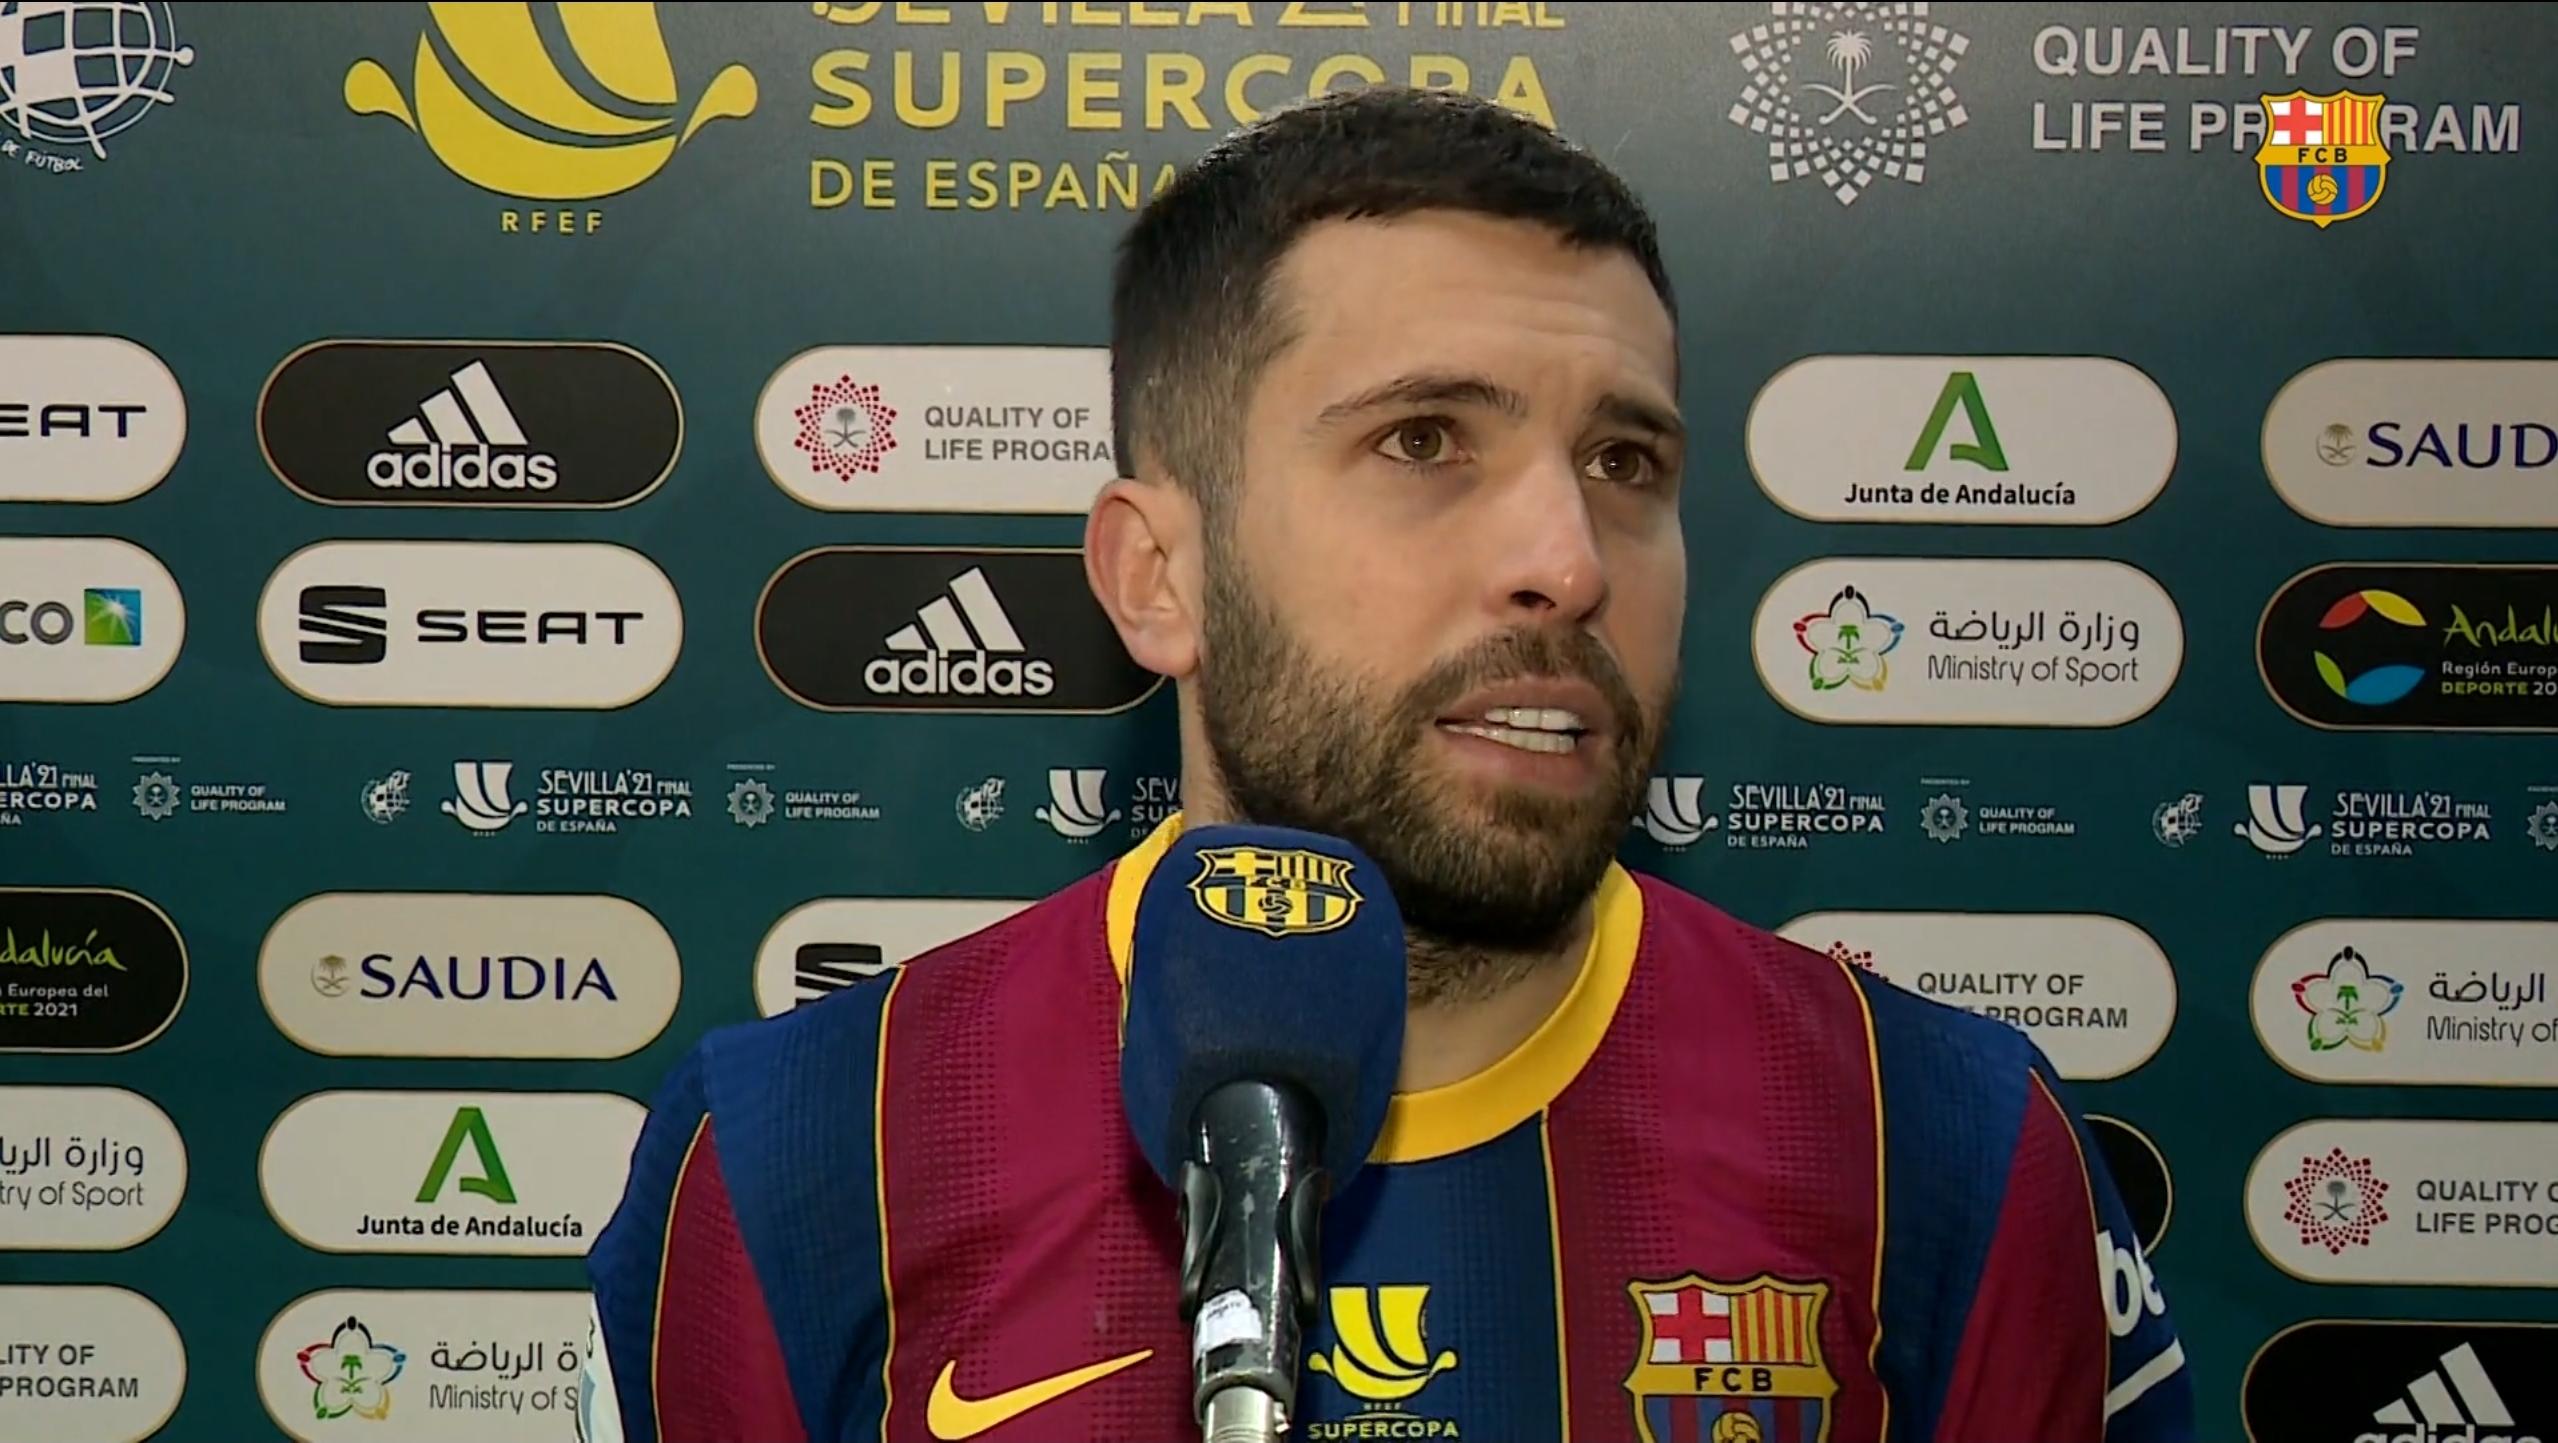 阿尔巴:遗憾没能夺冠,结果苦涩但球队已付出了所有